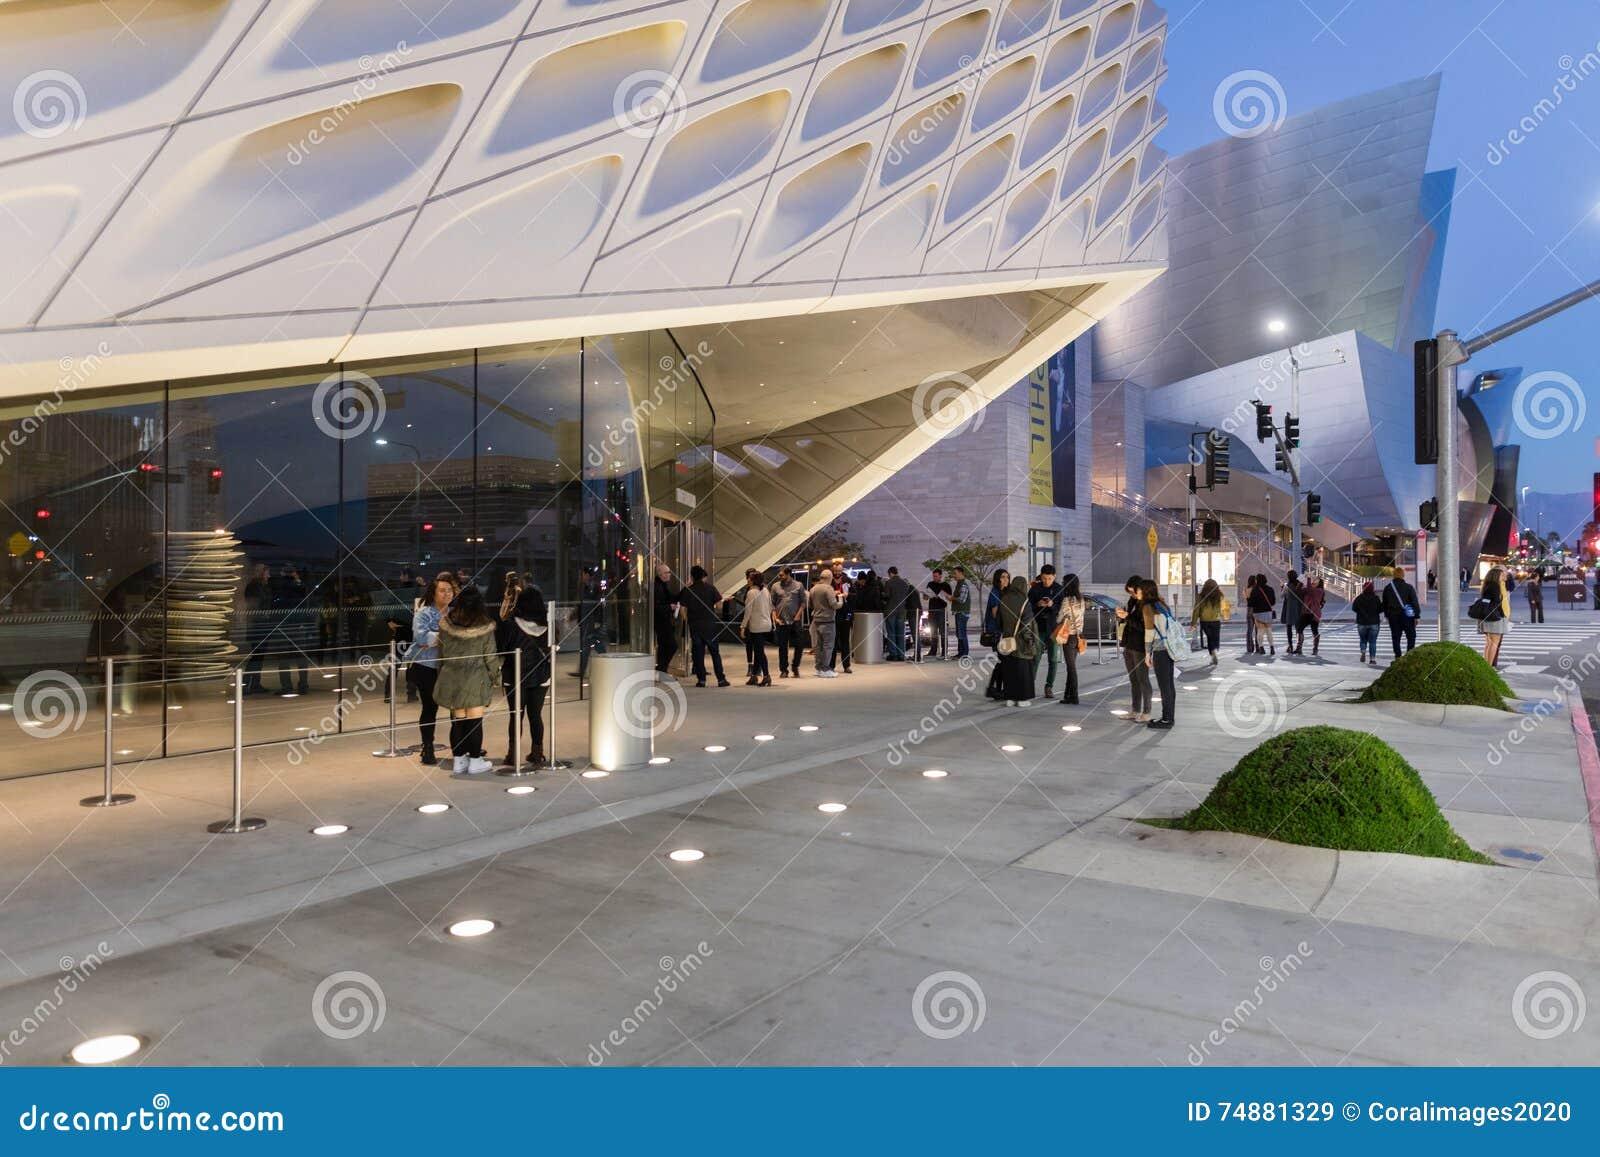 Εξωτερικό του ευρέος μουσείου σύγχρονης τέχνης